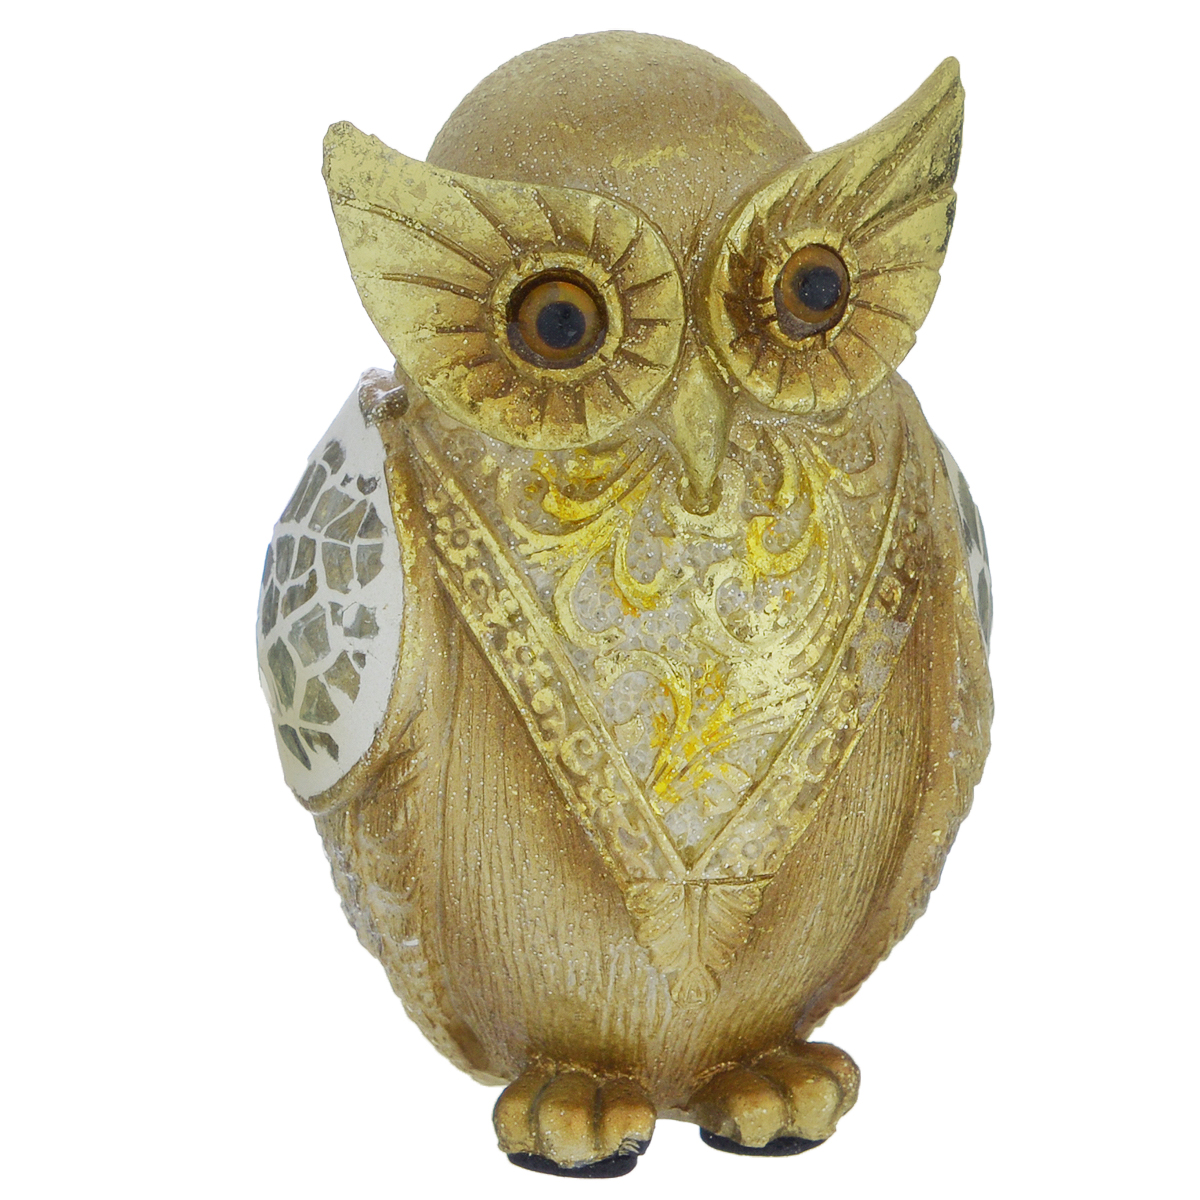 Фигурка декоративная Molento Золотая сова, высота 8,5 см695285Декоративная фигурка Molento Золотая сова, изготовленная из полистоуна, выполнена в виде совы и украшена блестками. Такая фигурка станет отличным дополнением к интерьеру.Вы можете поставить фигурку в любом месте, где она будет удачно смотреться, и радовать глаз. Кроме того, фигурка Золотая сова станет чудесным сувениром для ваших друзей и близких. Размер фигурки: 5,5 см х 5 см х 8,5 см.